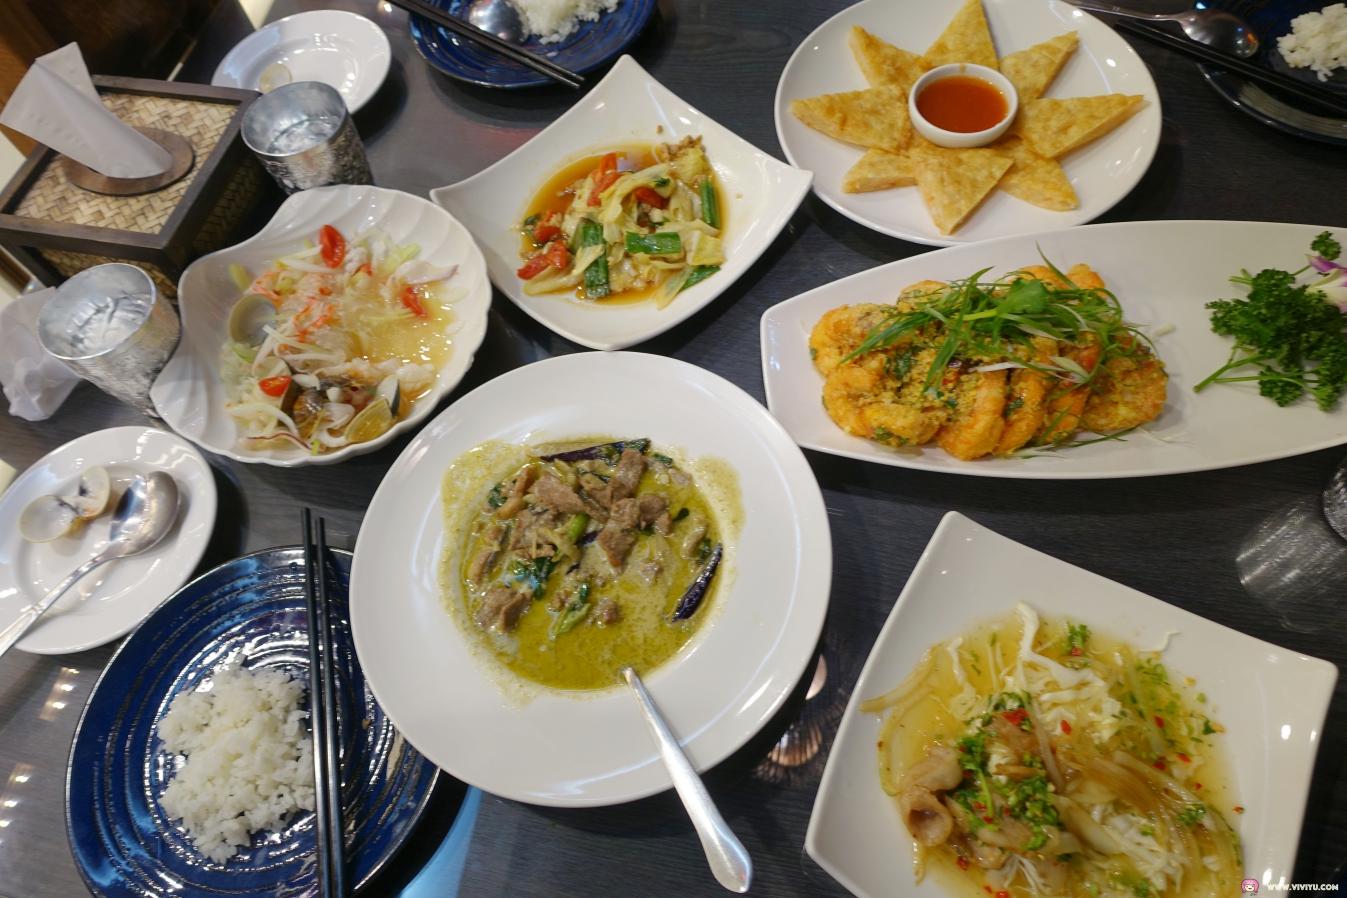 [桃園美食]蘇珂泰泰式料理~JC PARK食尚廣場內的平價泰式料理.交通便利停車方便適合聚餐 @VIVIYU小世界